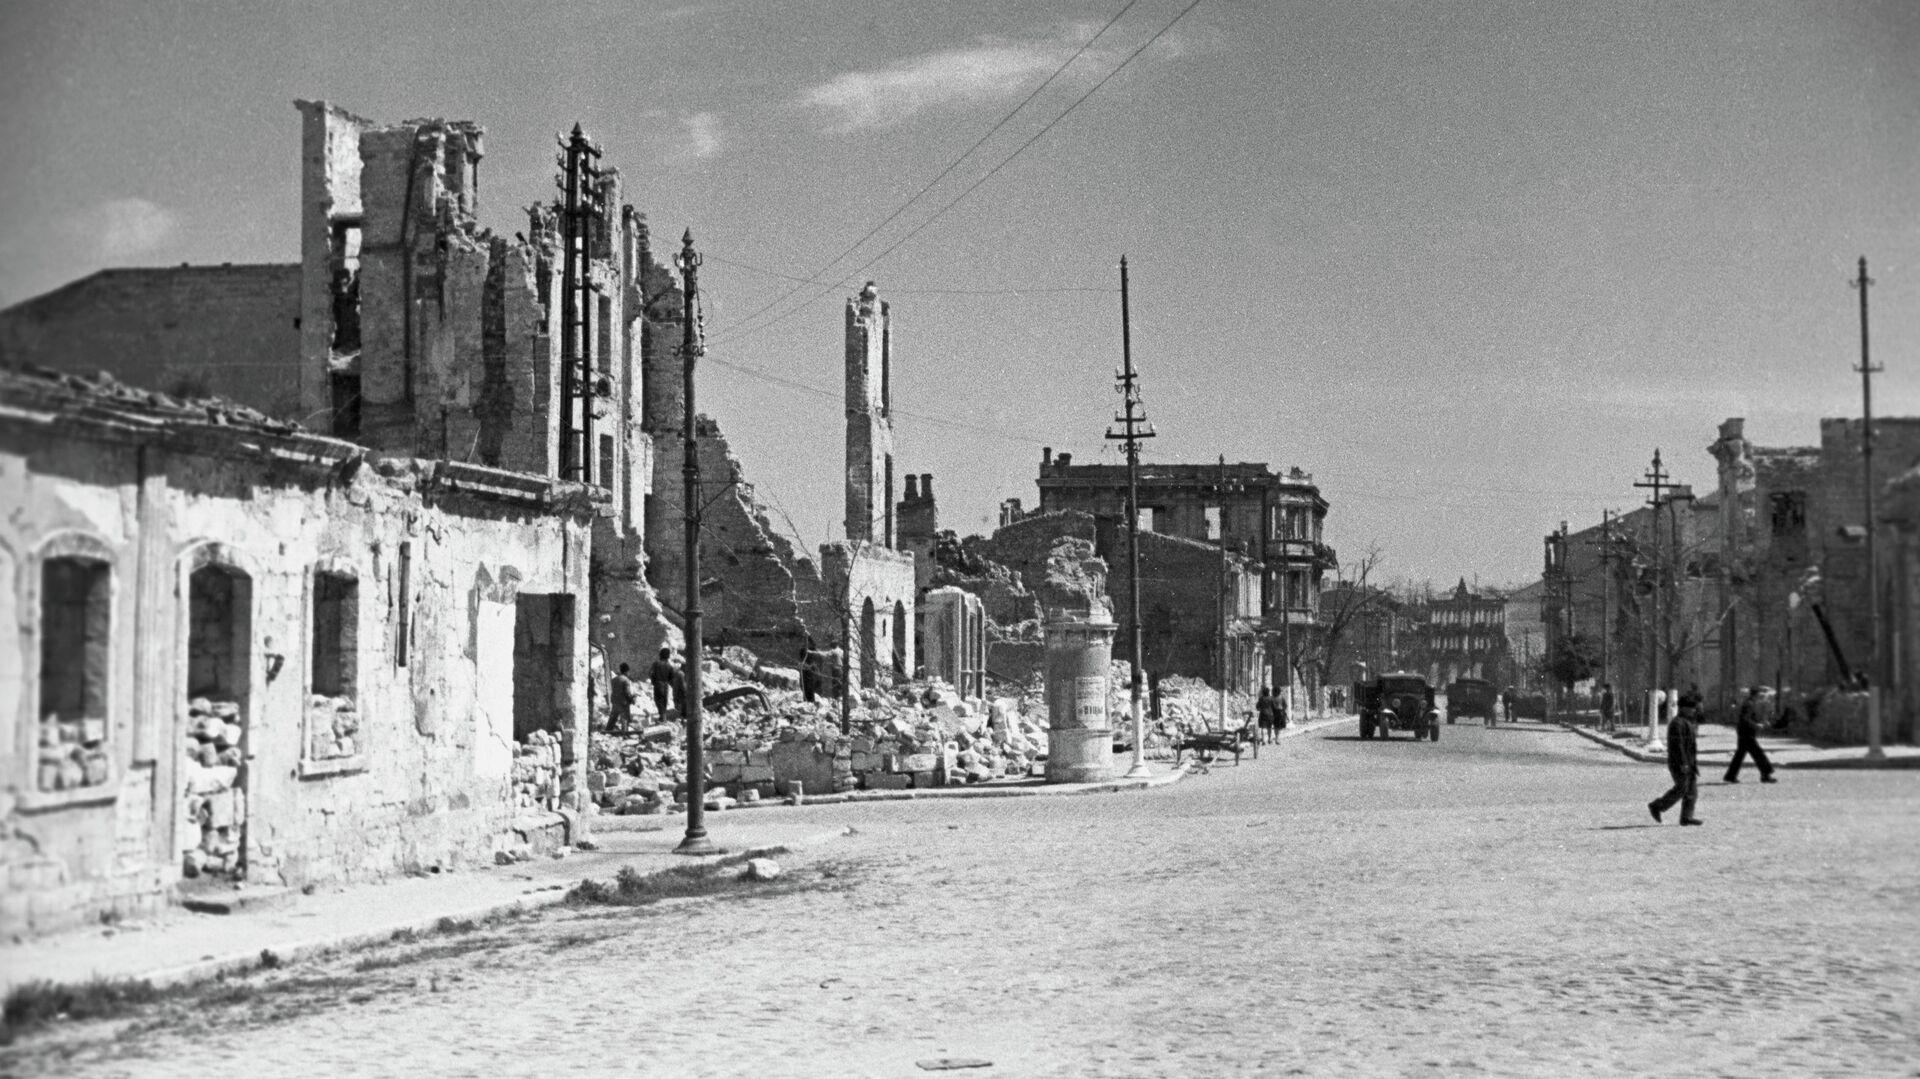 Великая Отечественная война 1941-1945 годов. Руины Севастополя - РИА Новости, 1920, 30.12.2020